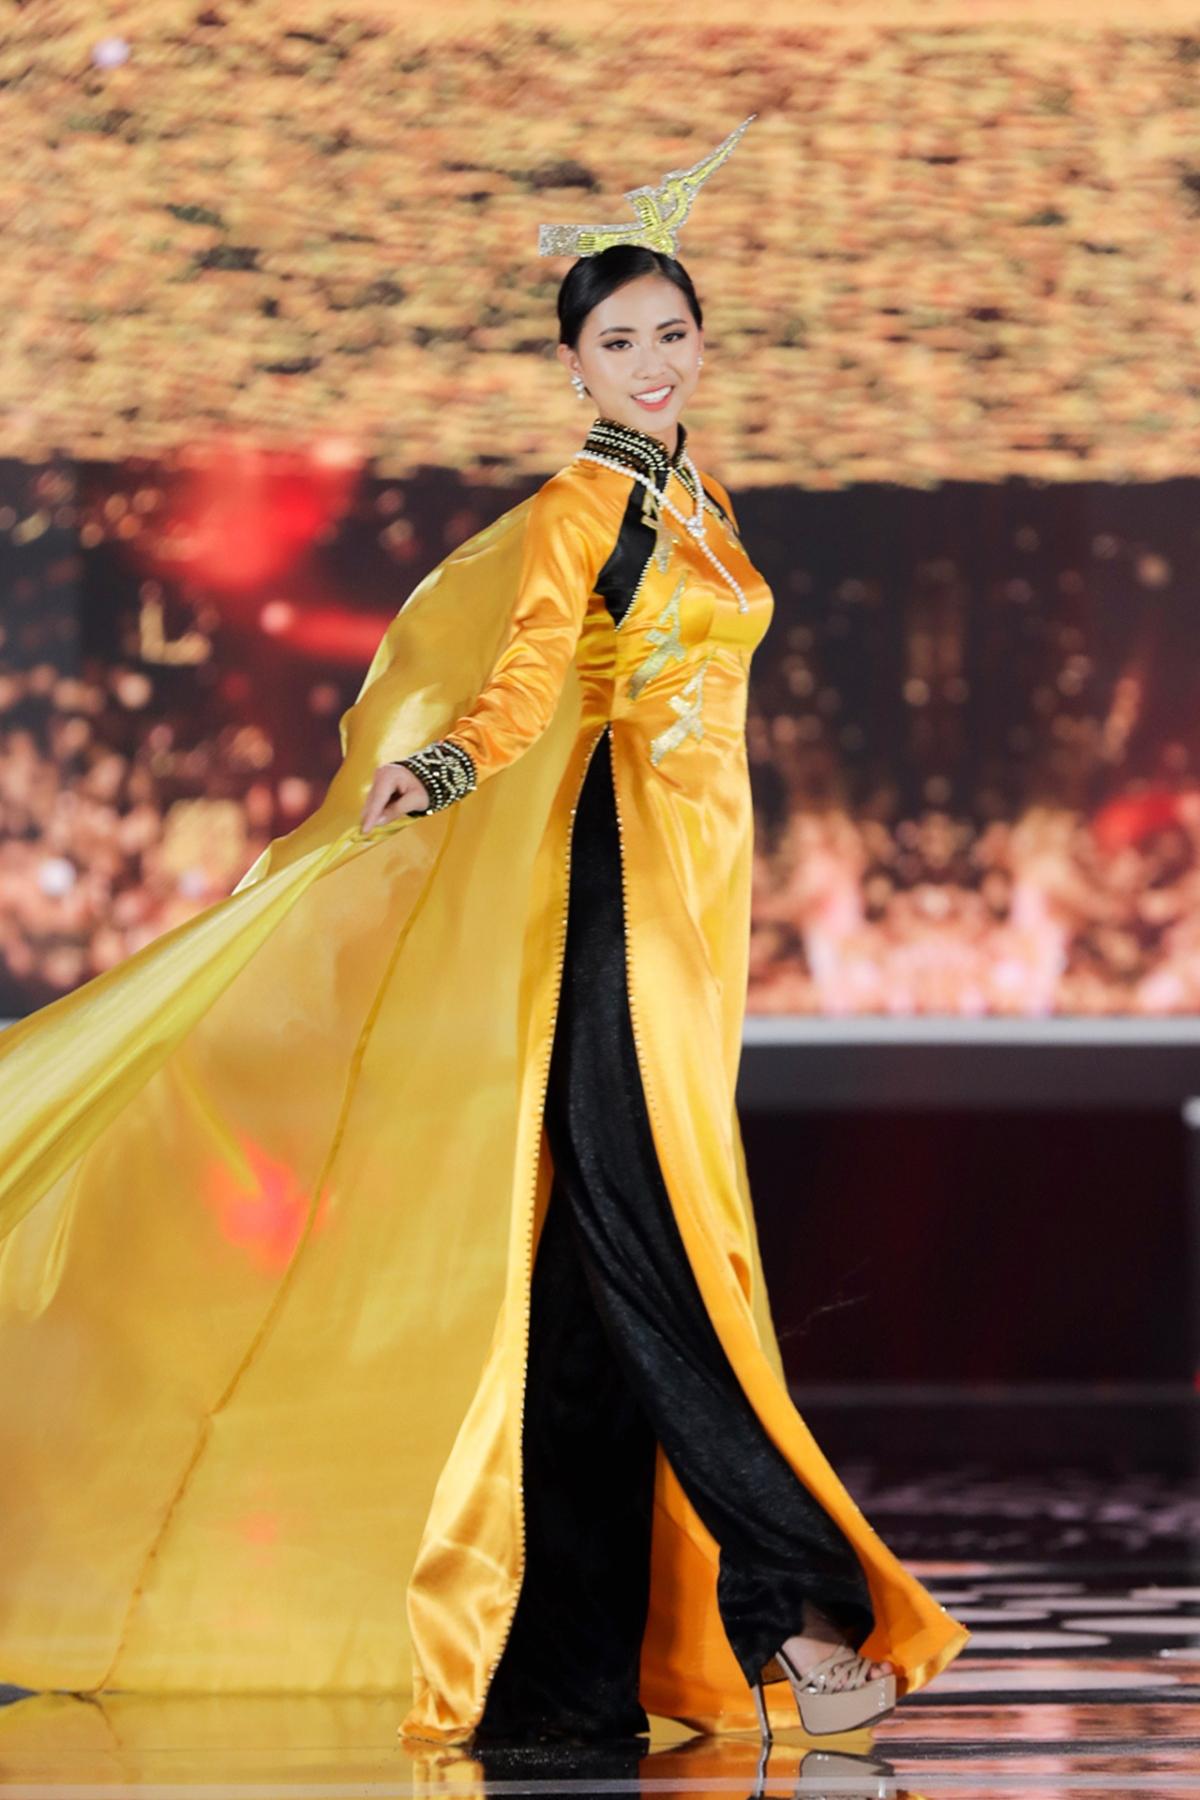 Năm 2012, tín ngưỡng thờ cúng Hùng Vương vinh dự được UNESCO công nhận là di sản phi vật thể. Lớp choàng vàng của áo dài óng ả nương theo gió nhẹ bay phấp phới.